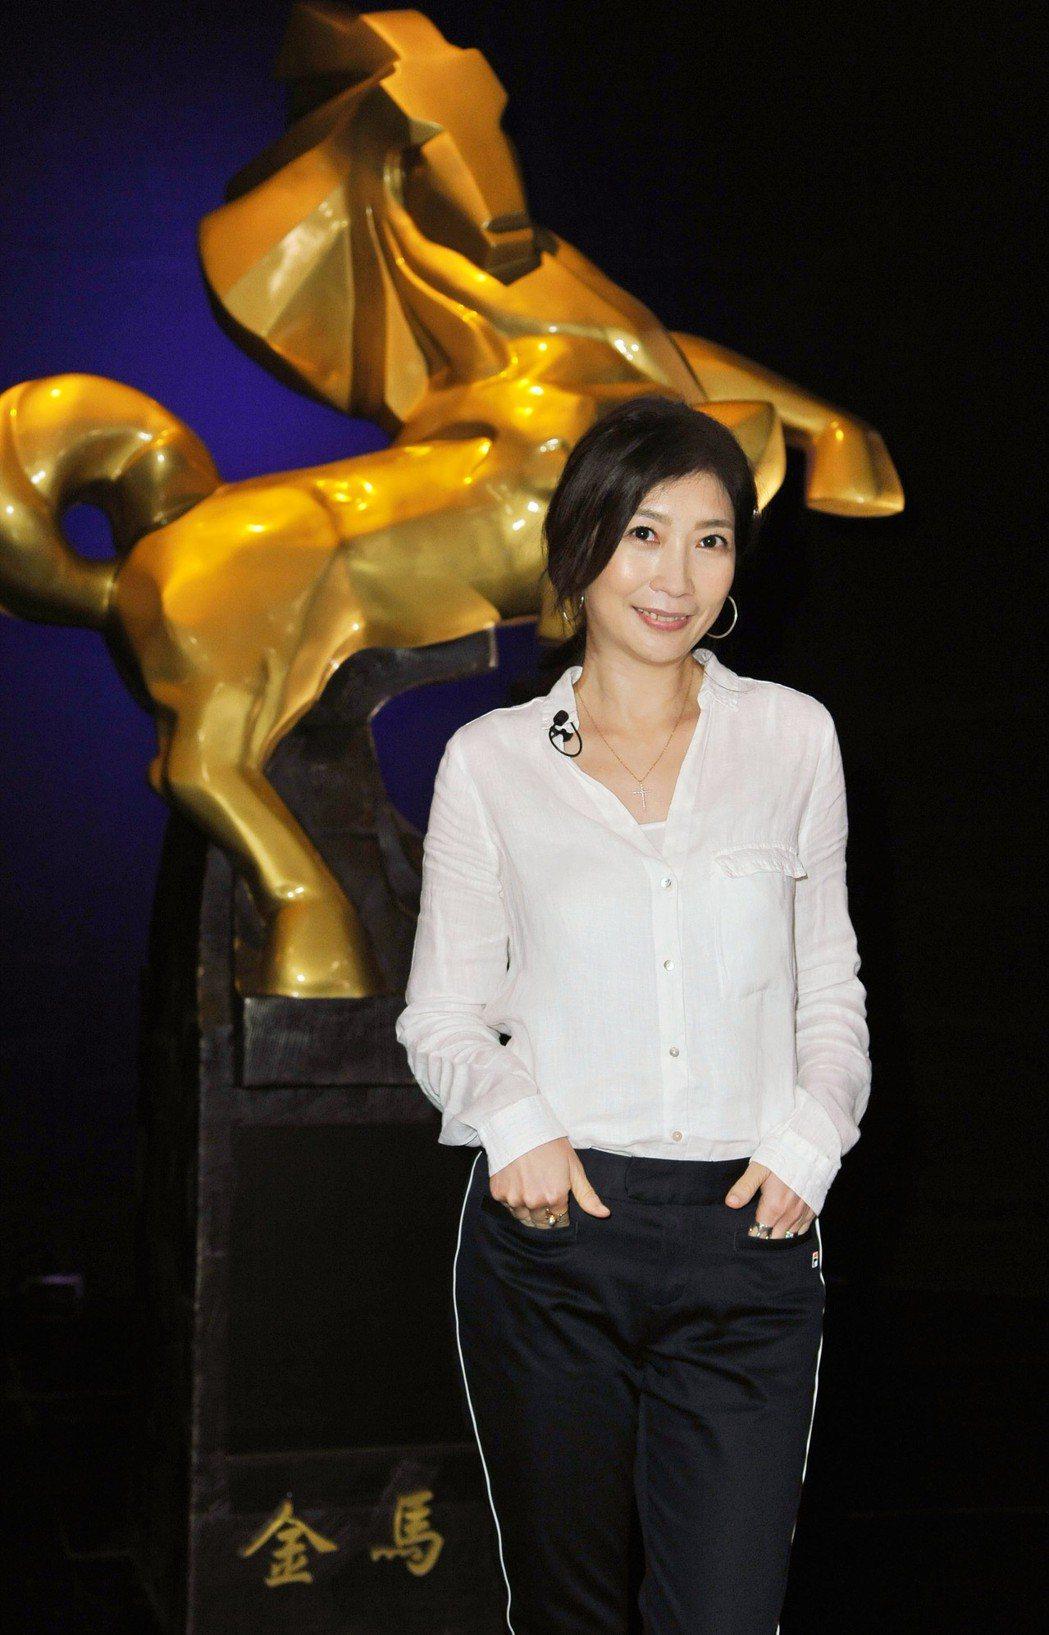 黃嘉千今年入圍金馬最佳女配角。圖/台視提供